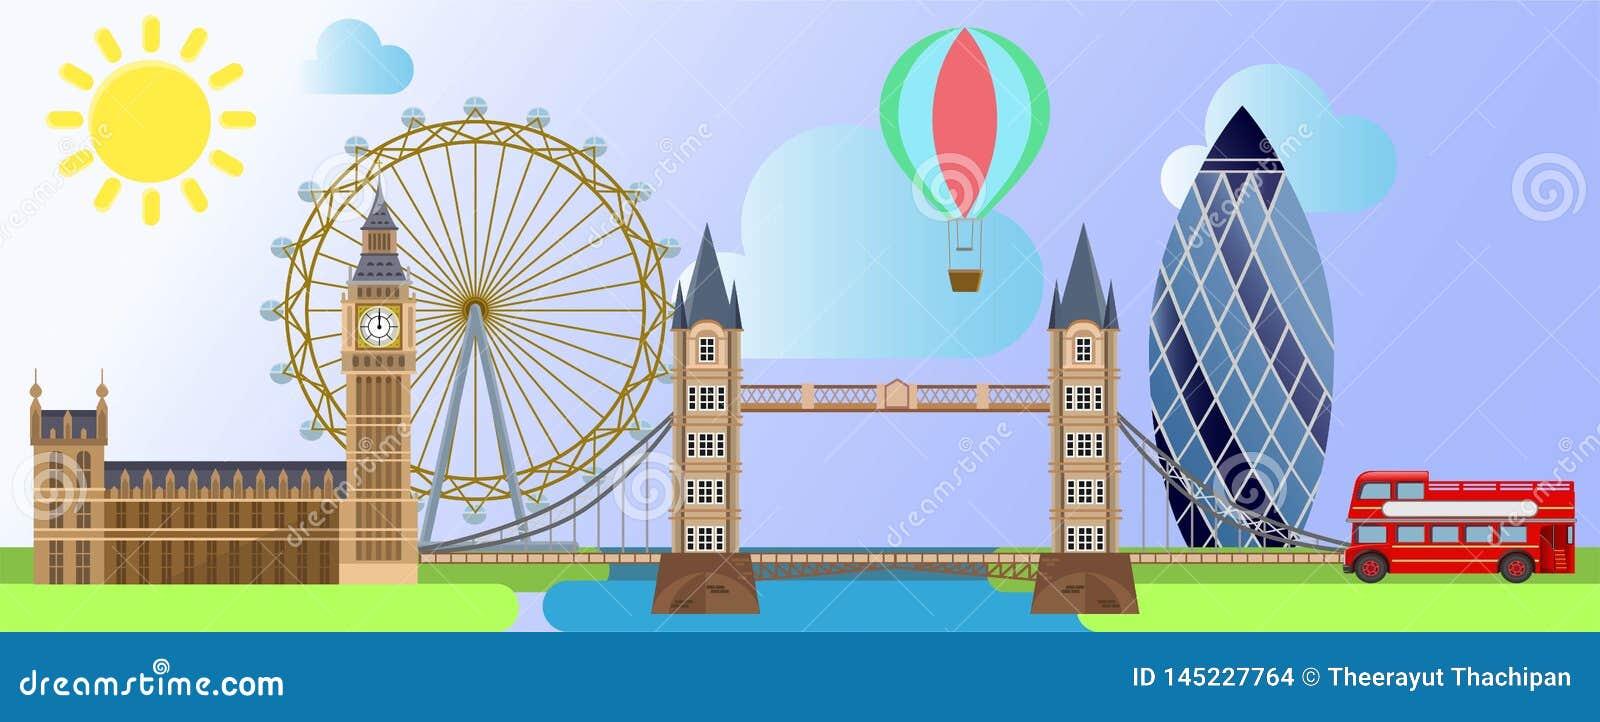 Architecture de Londres comme la roue d oeil de Londres, le palais de Westminster, le ballon de touristes sur le soleil et le fon